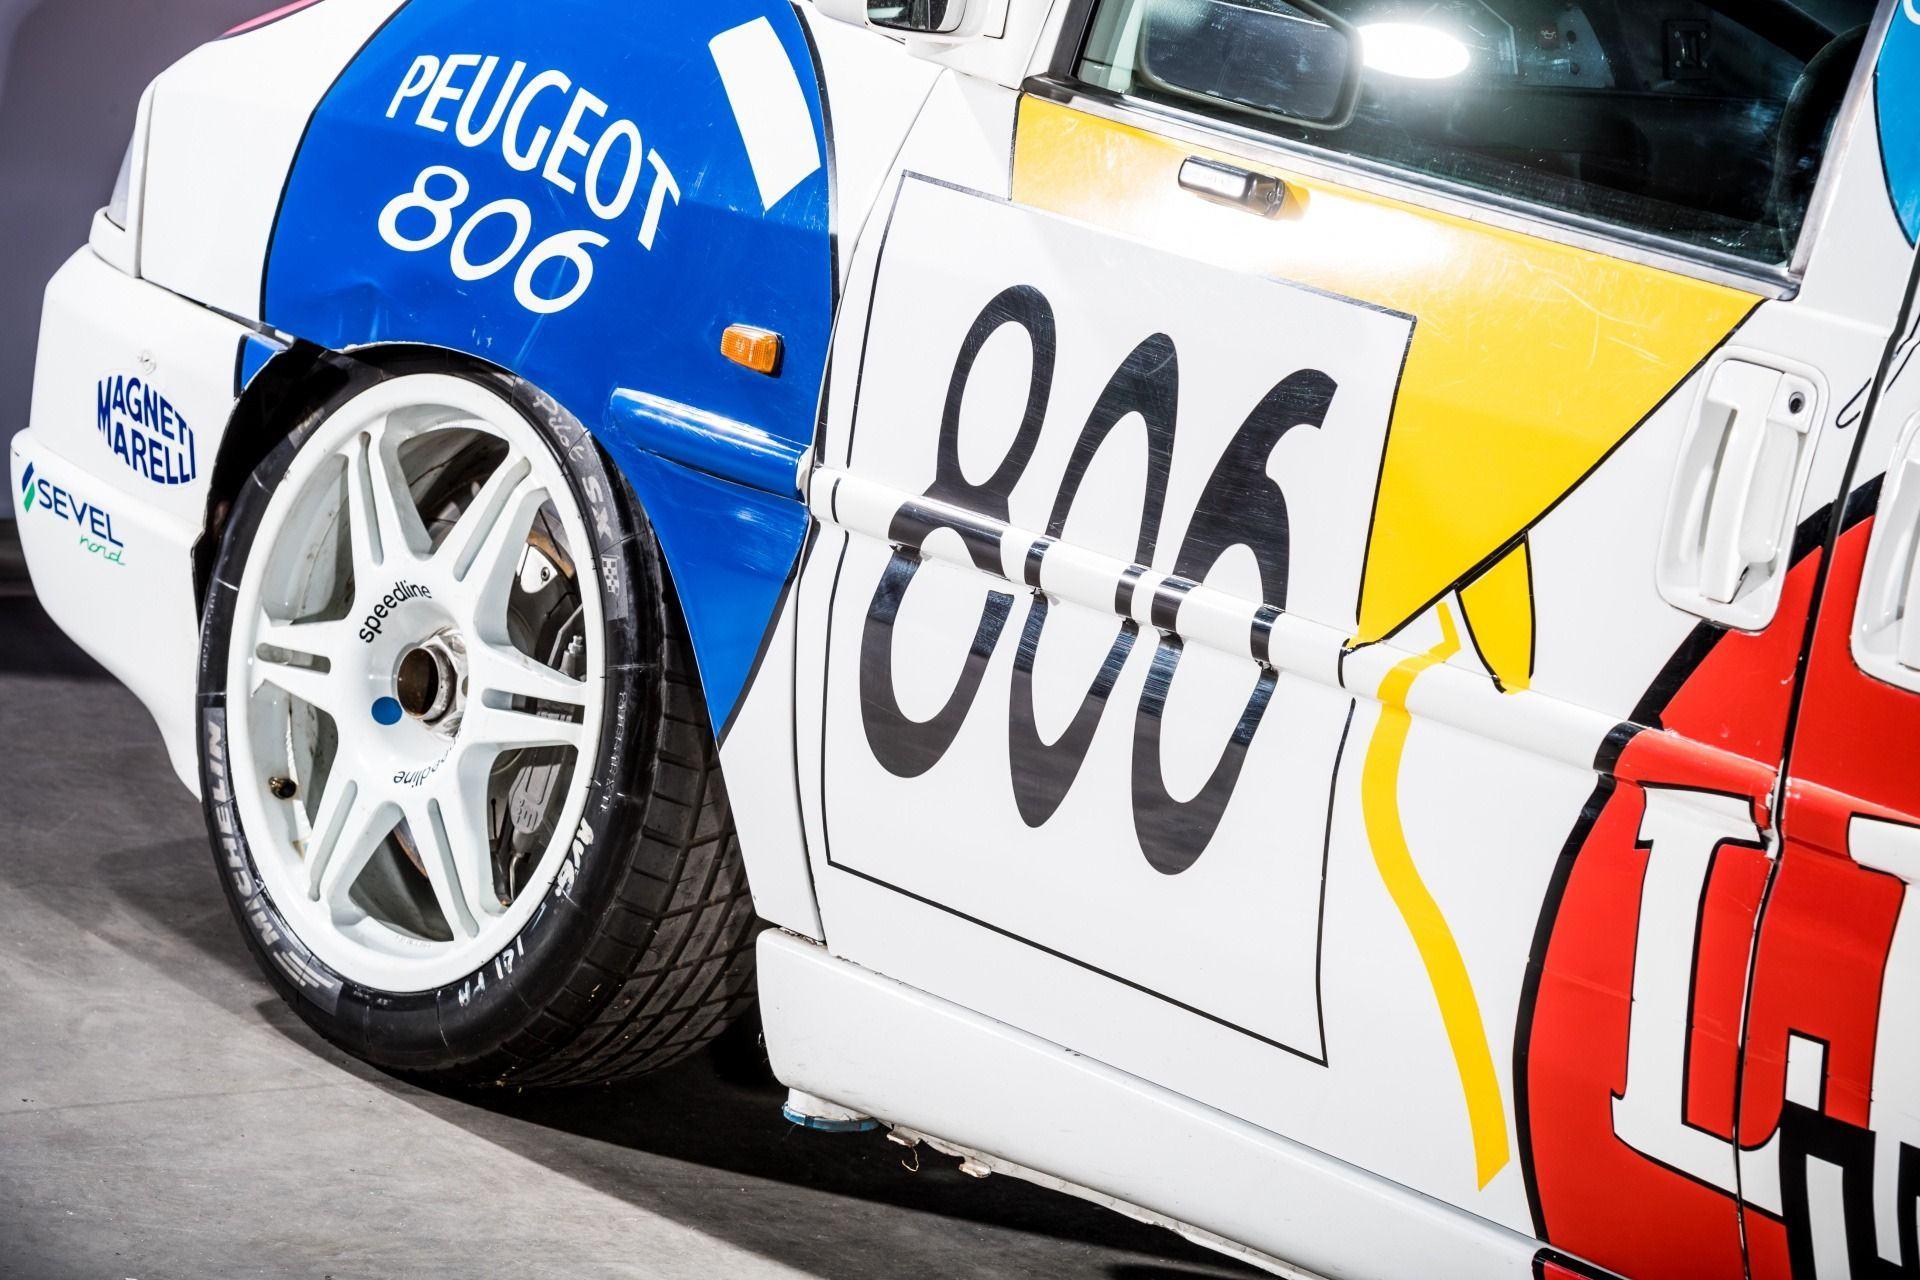 1995_Peugeot_806_ProCar_0010